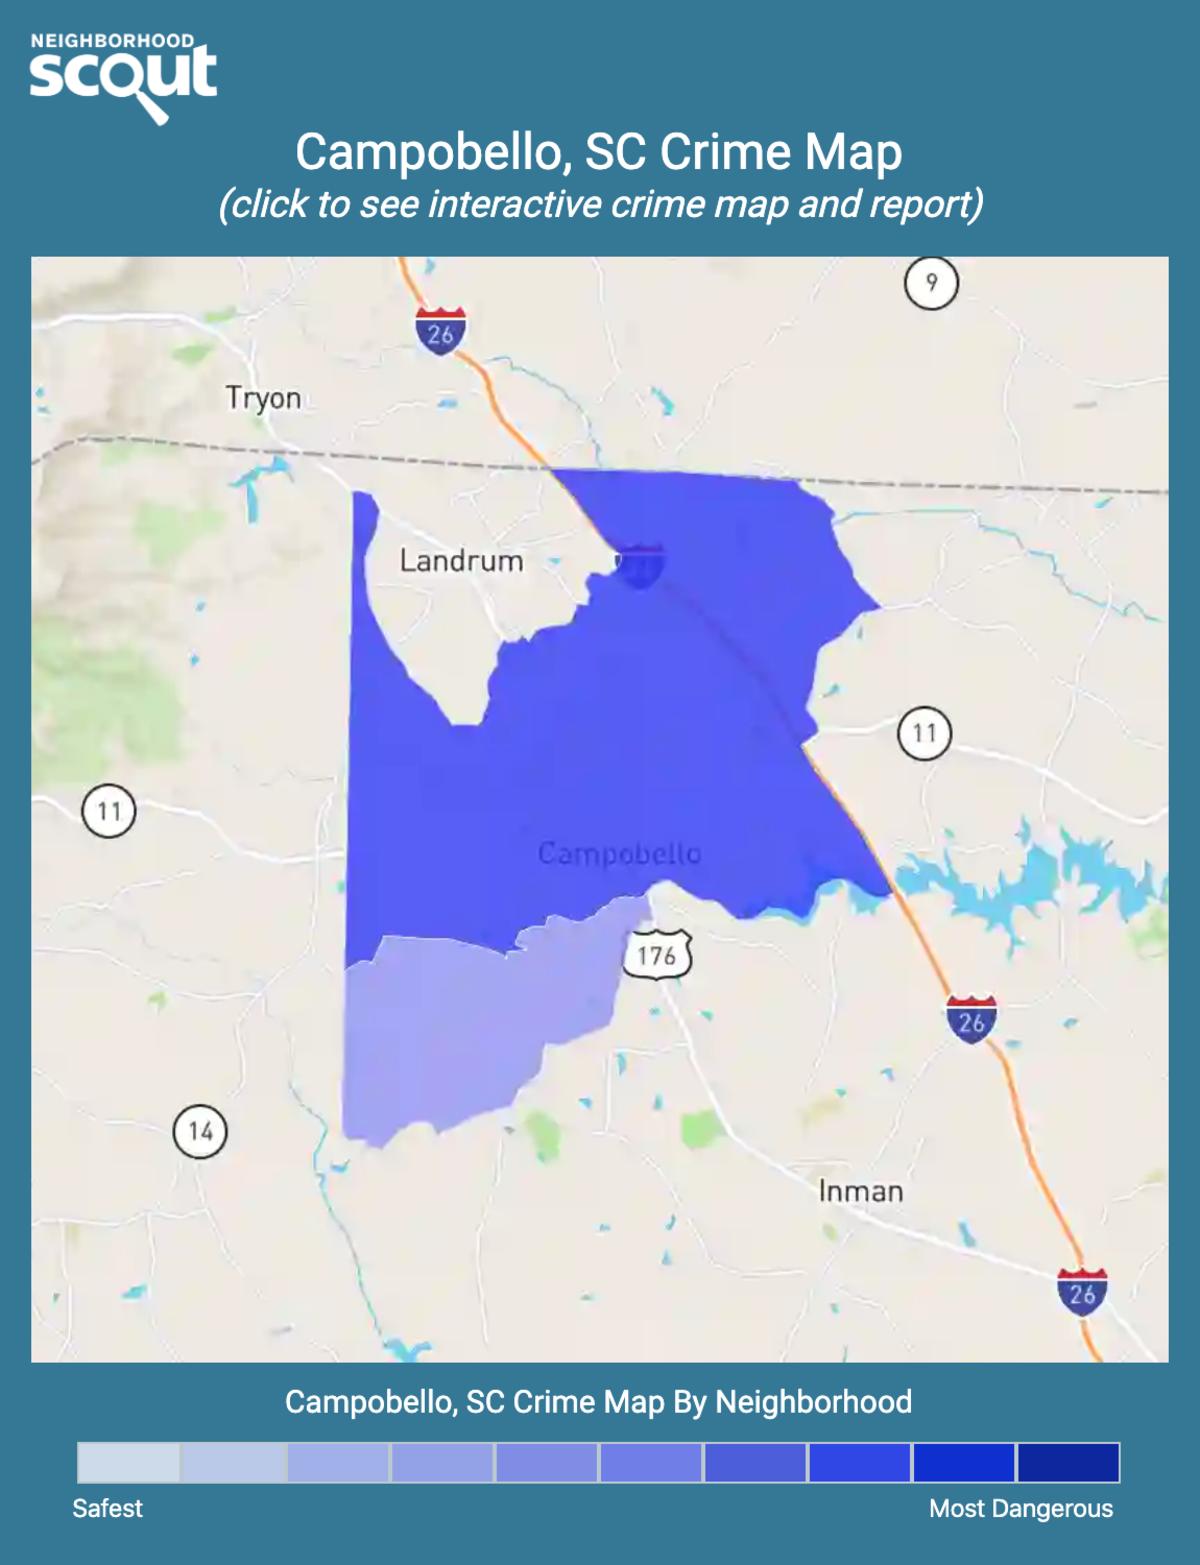 Campobello, South Carolina crime map